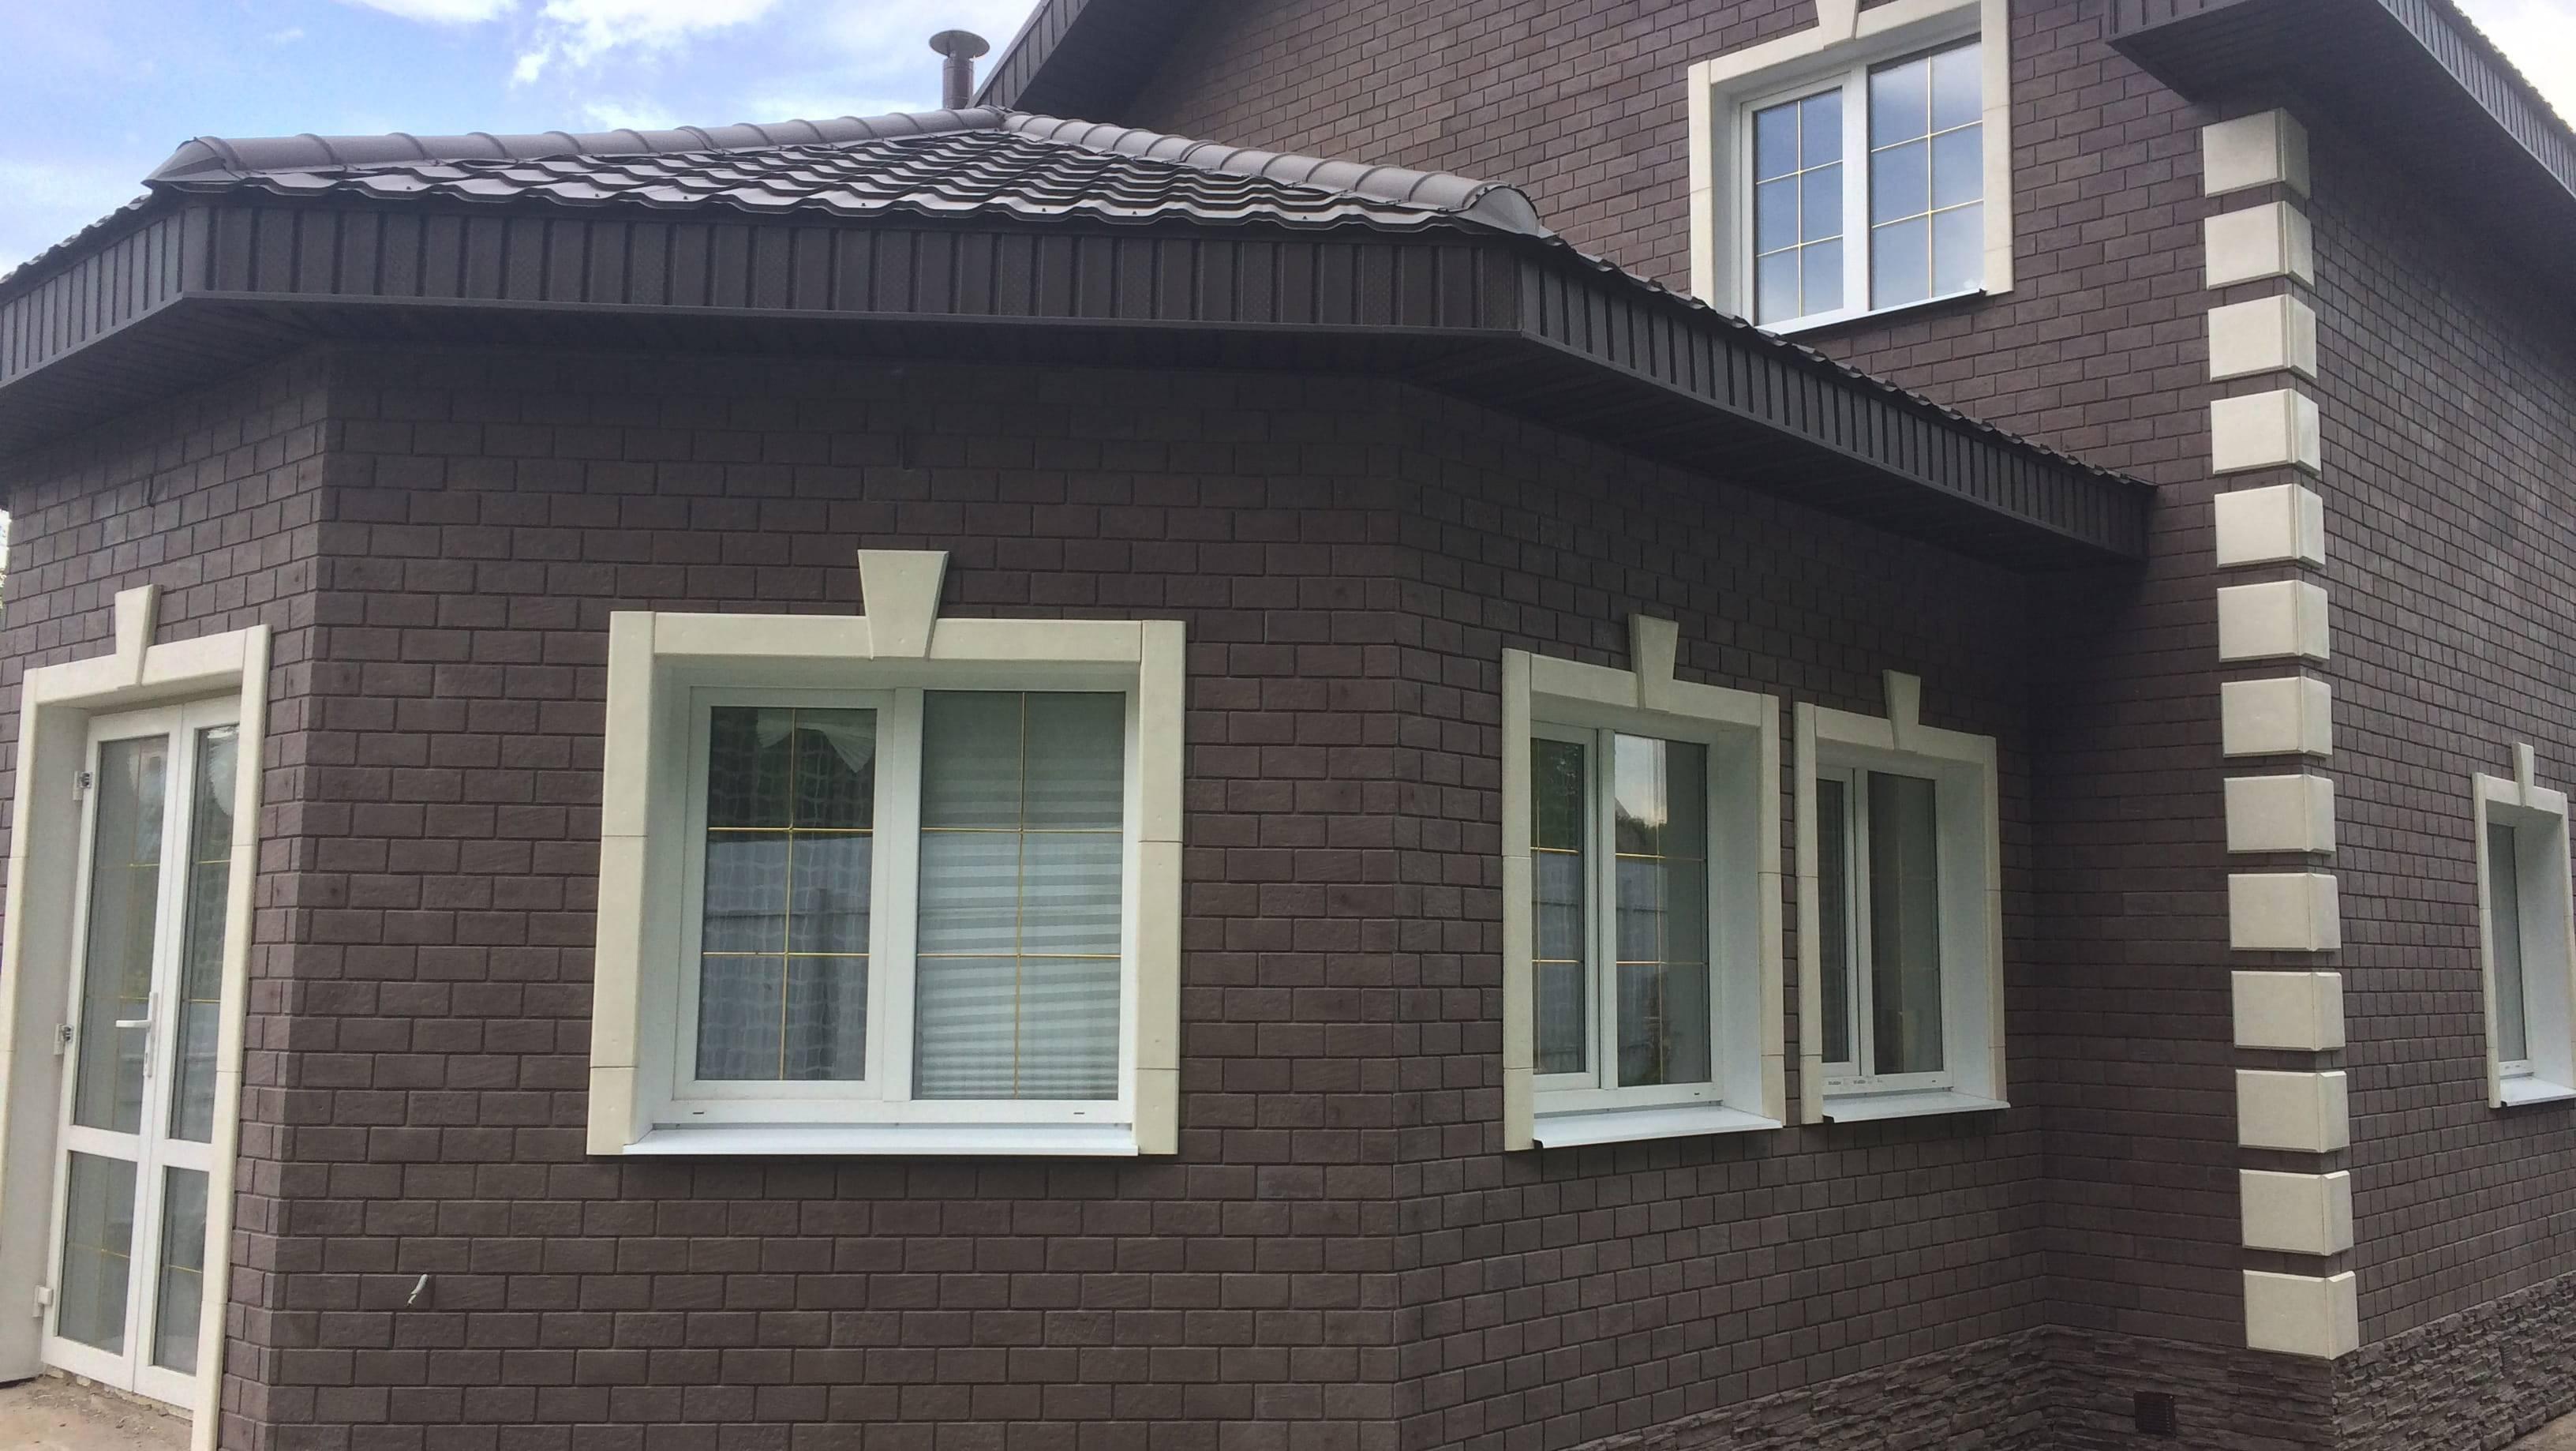 Основные виды клинкерной плитки для фасада, достоинства и недостатки + монтаж установочной планки и укладка плитки